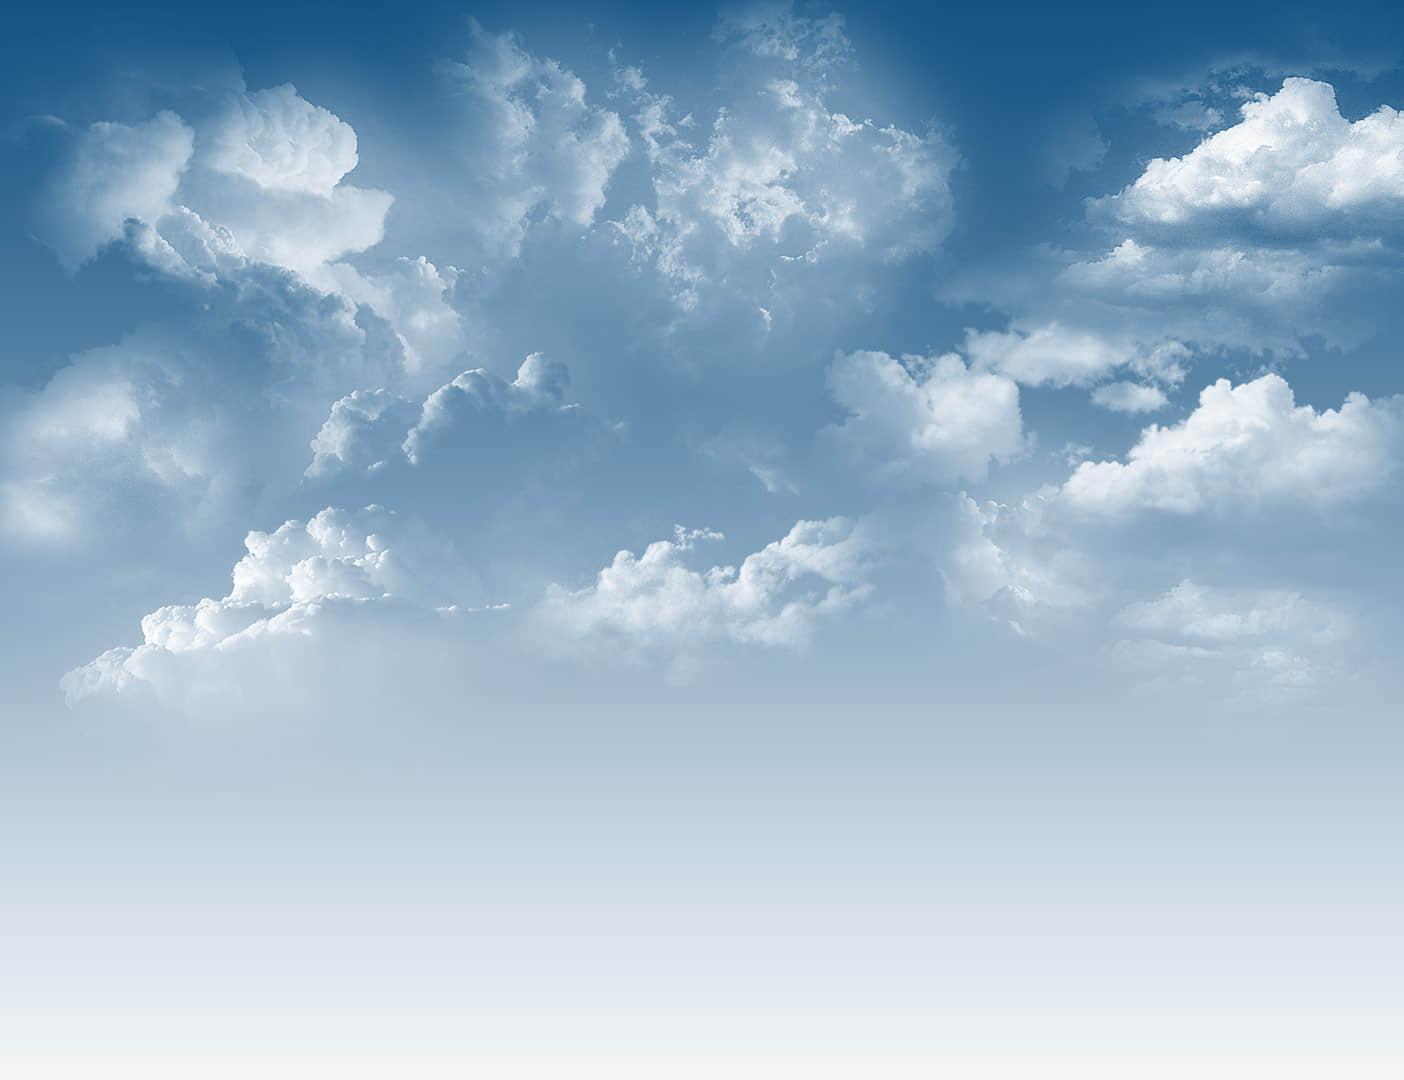 10种云朵、多云效果、天空白云PS笔刷下载